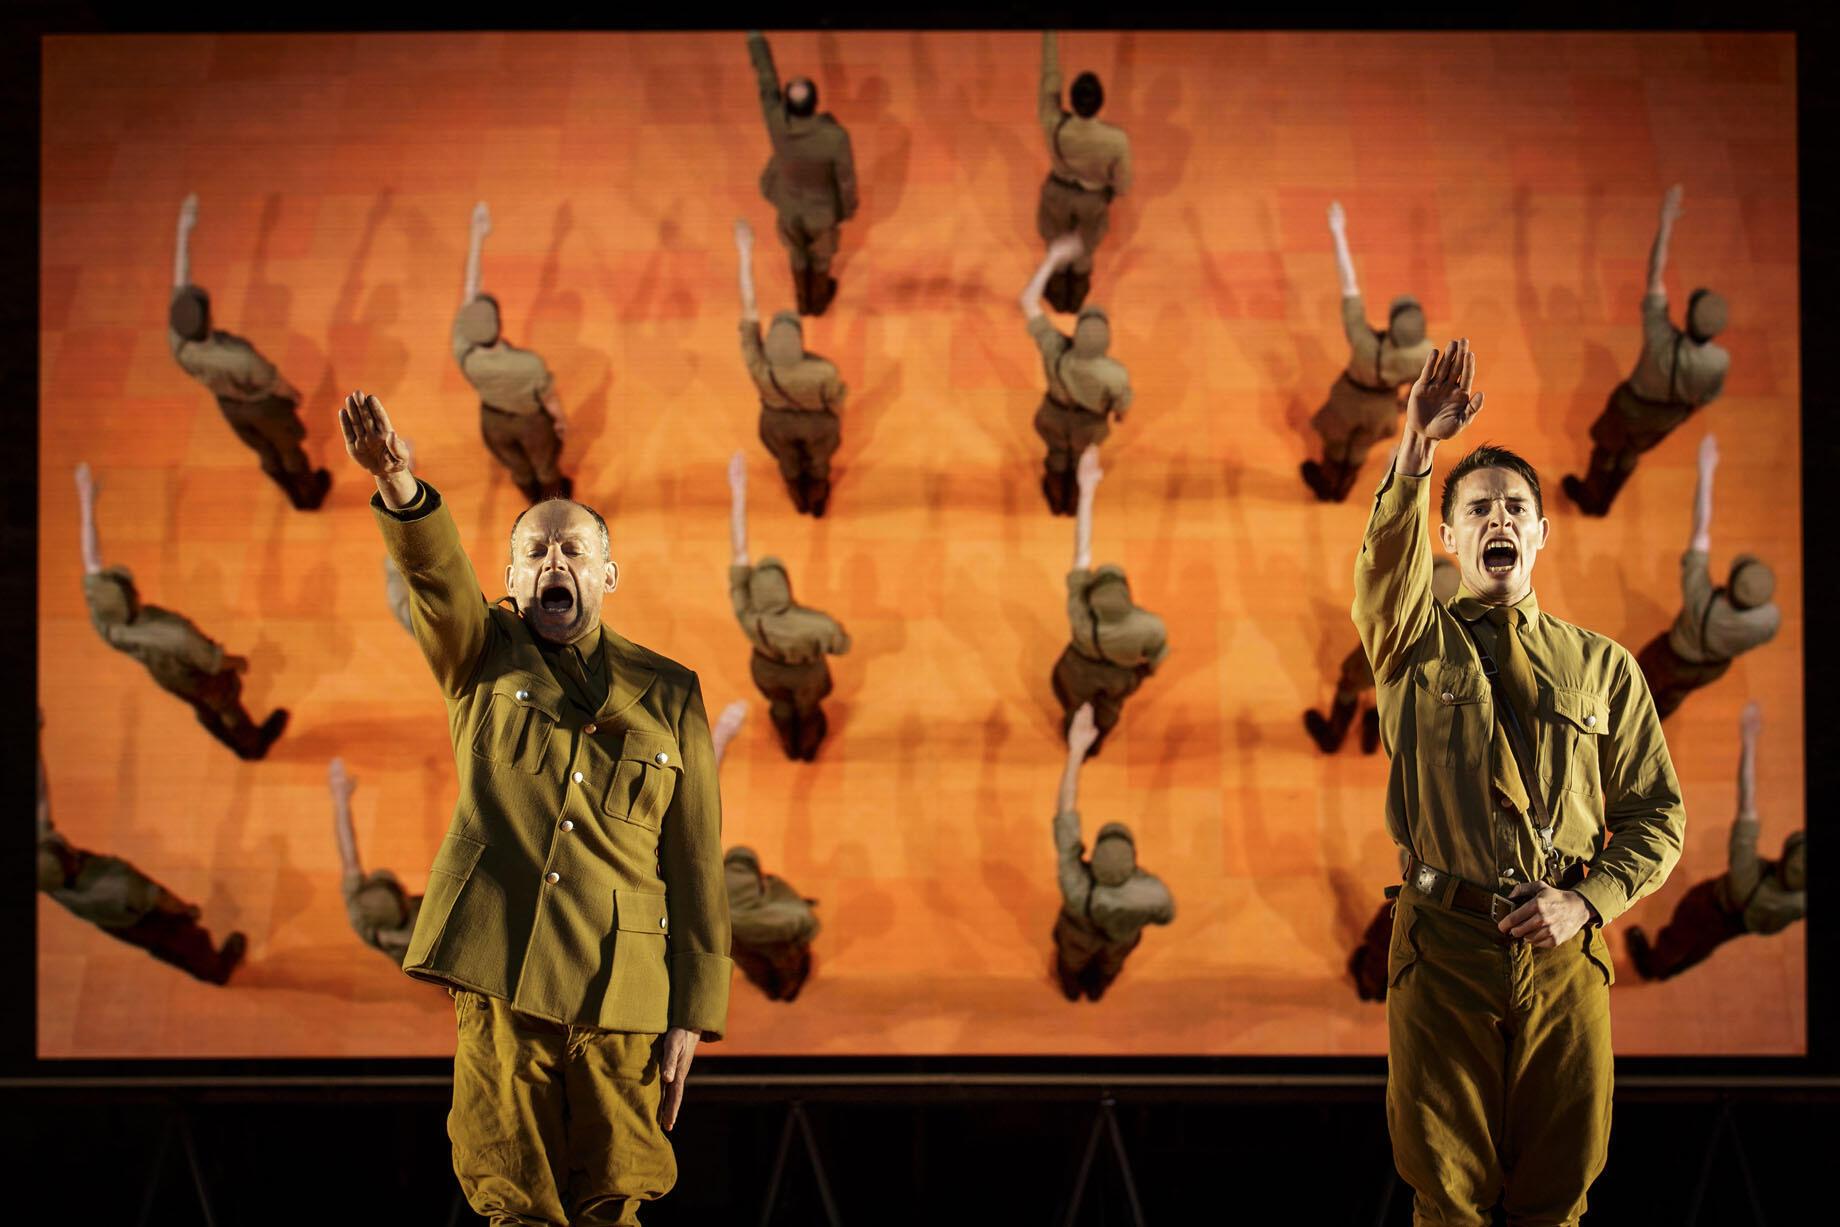 Спектакль «Проклятые» по сценарию фильма Лукино Висконти в постановке Иво ван Ховена открыл Авиньонский фестиваль 6 июля.